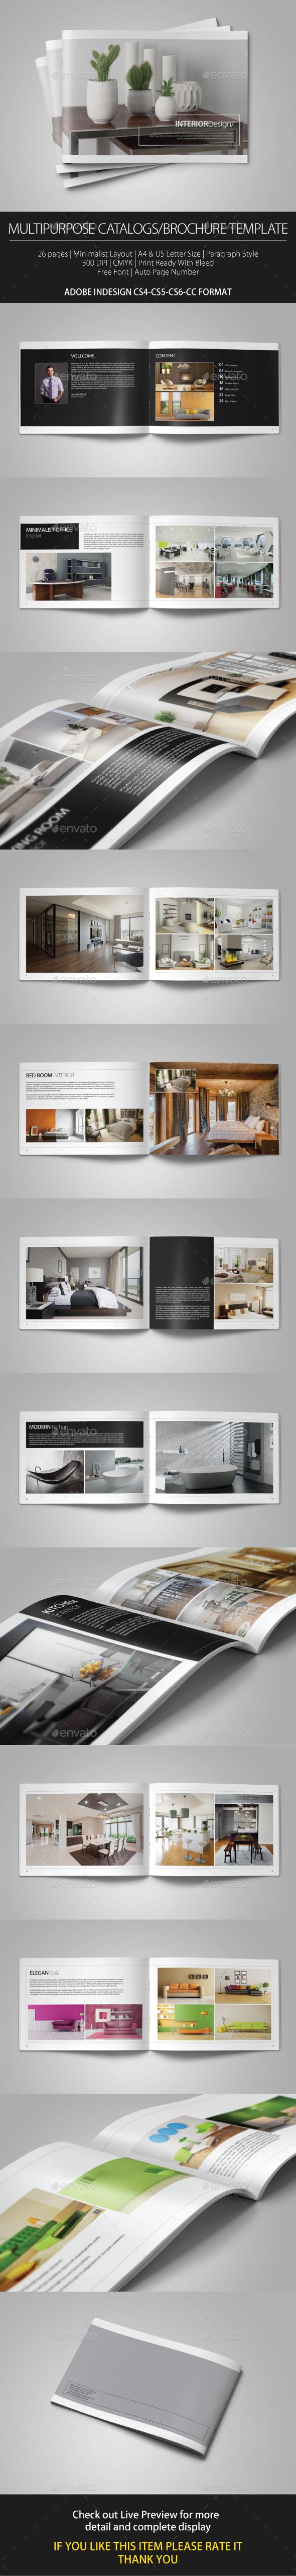 GraphicRiver Multipurpose Catalogs Brochure Template vol 2 20656939